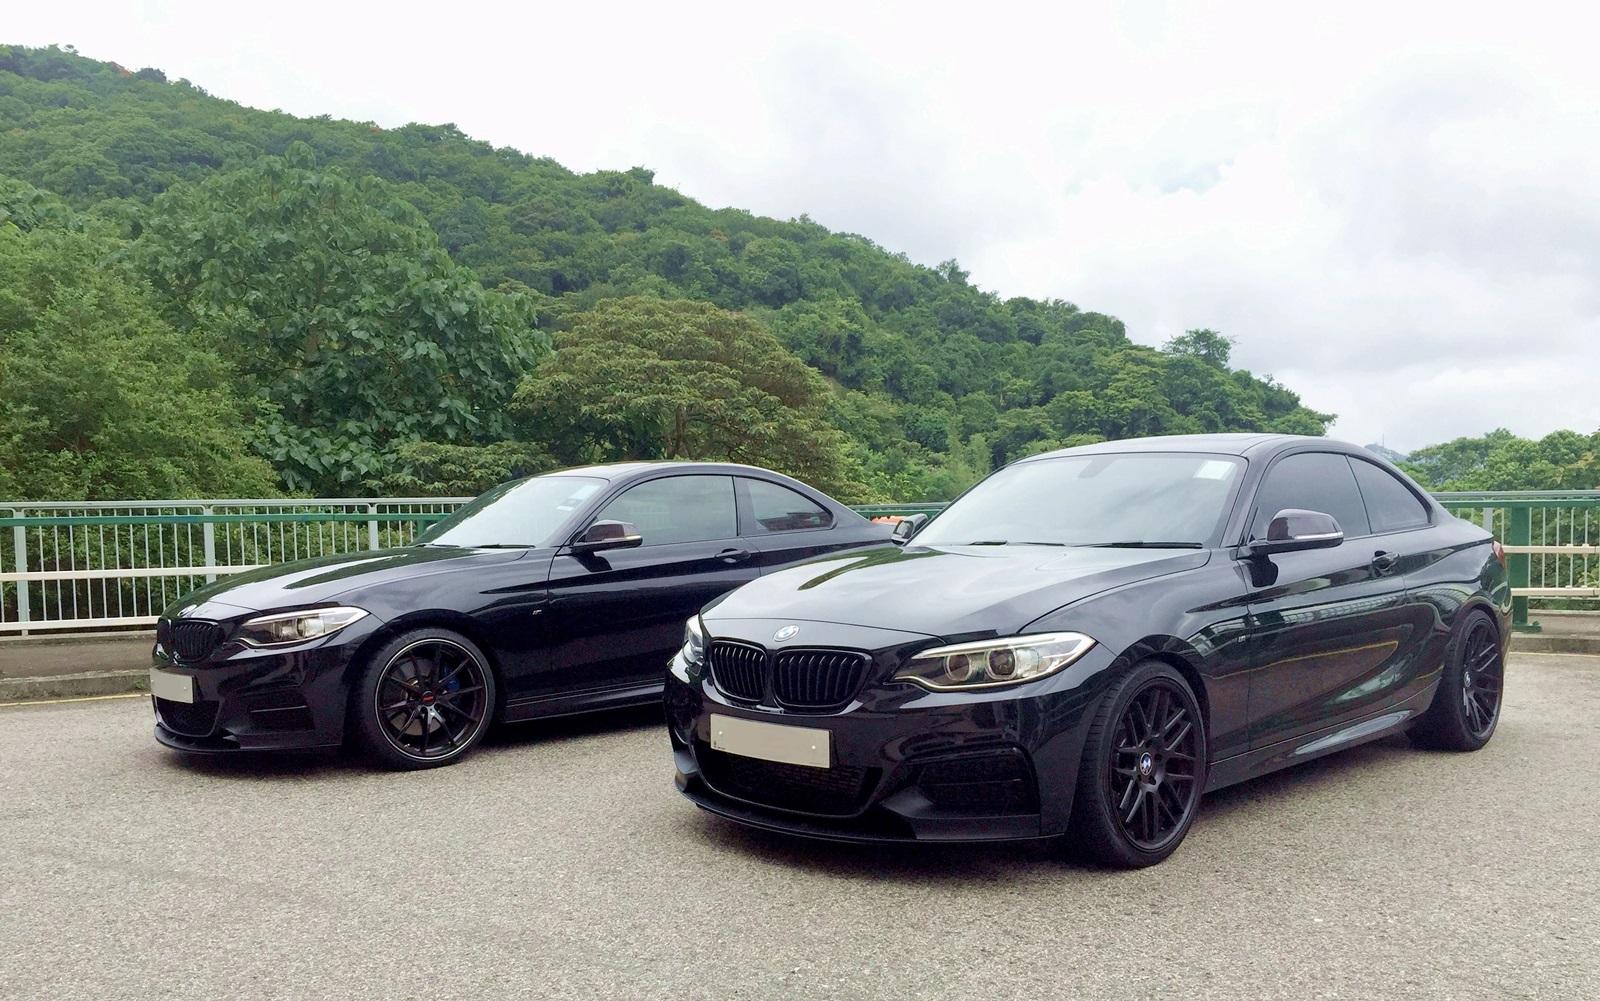 2 Blacked Out M235i Hong Kong